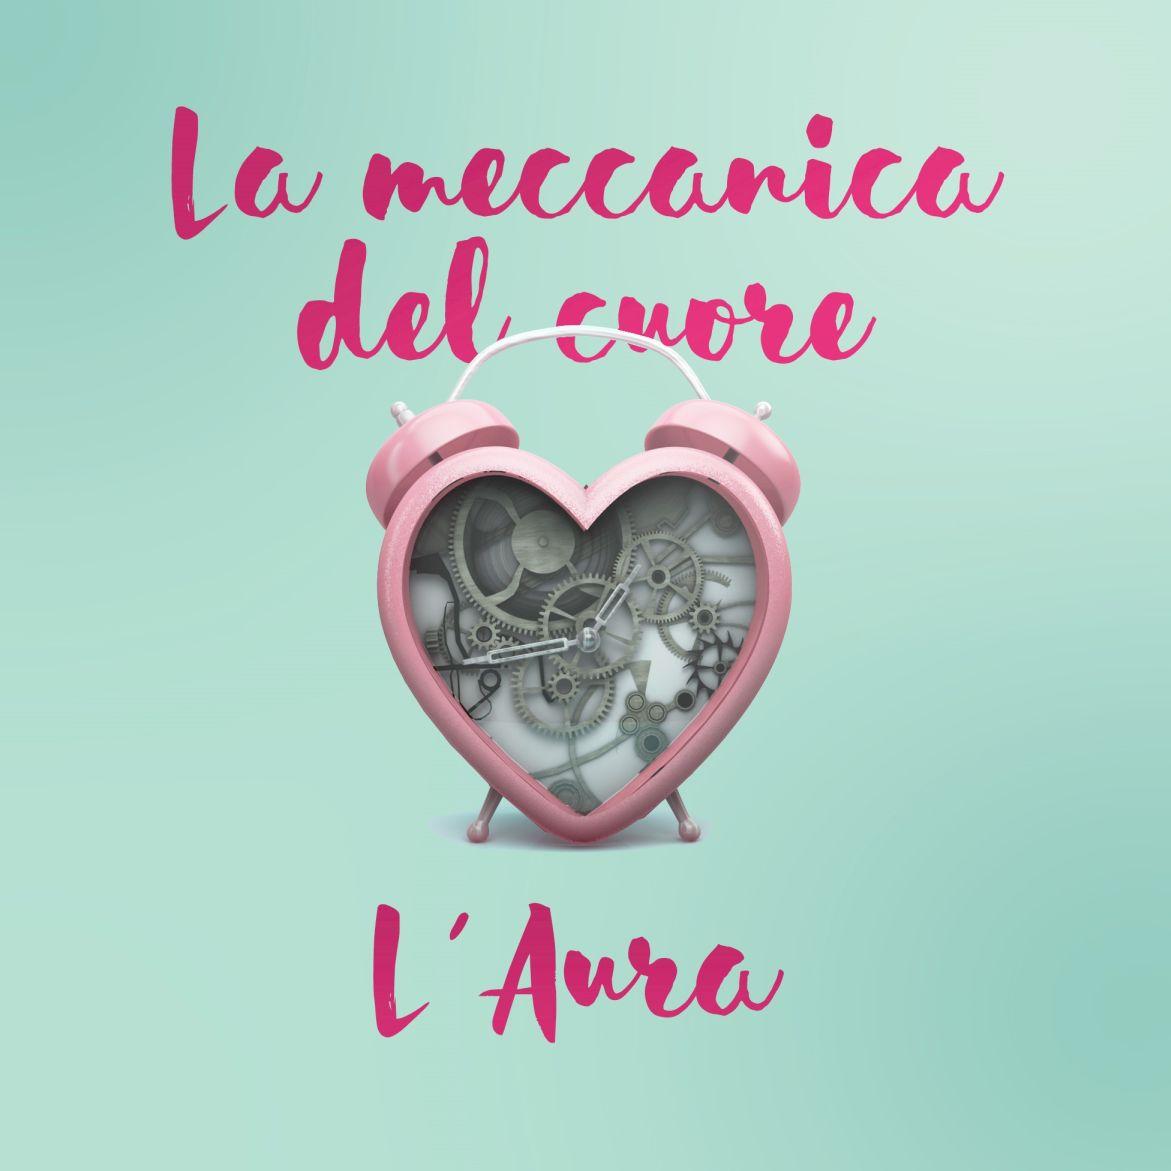 L'Aura_La meccanica del cuore_singolo cover_b